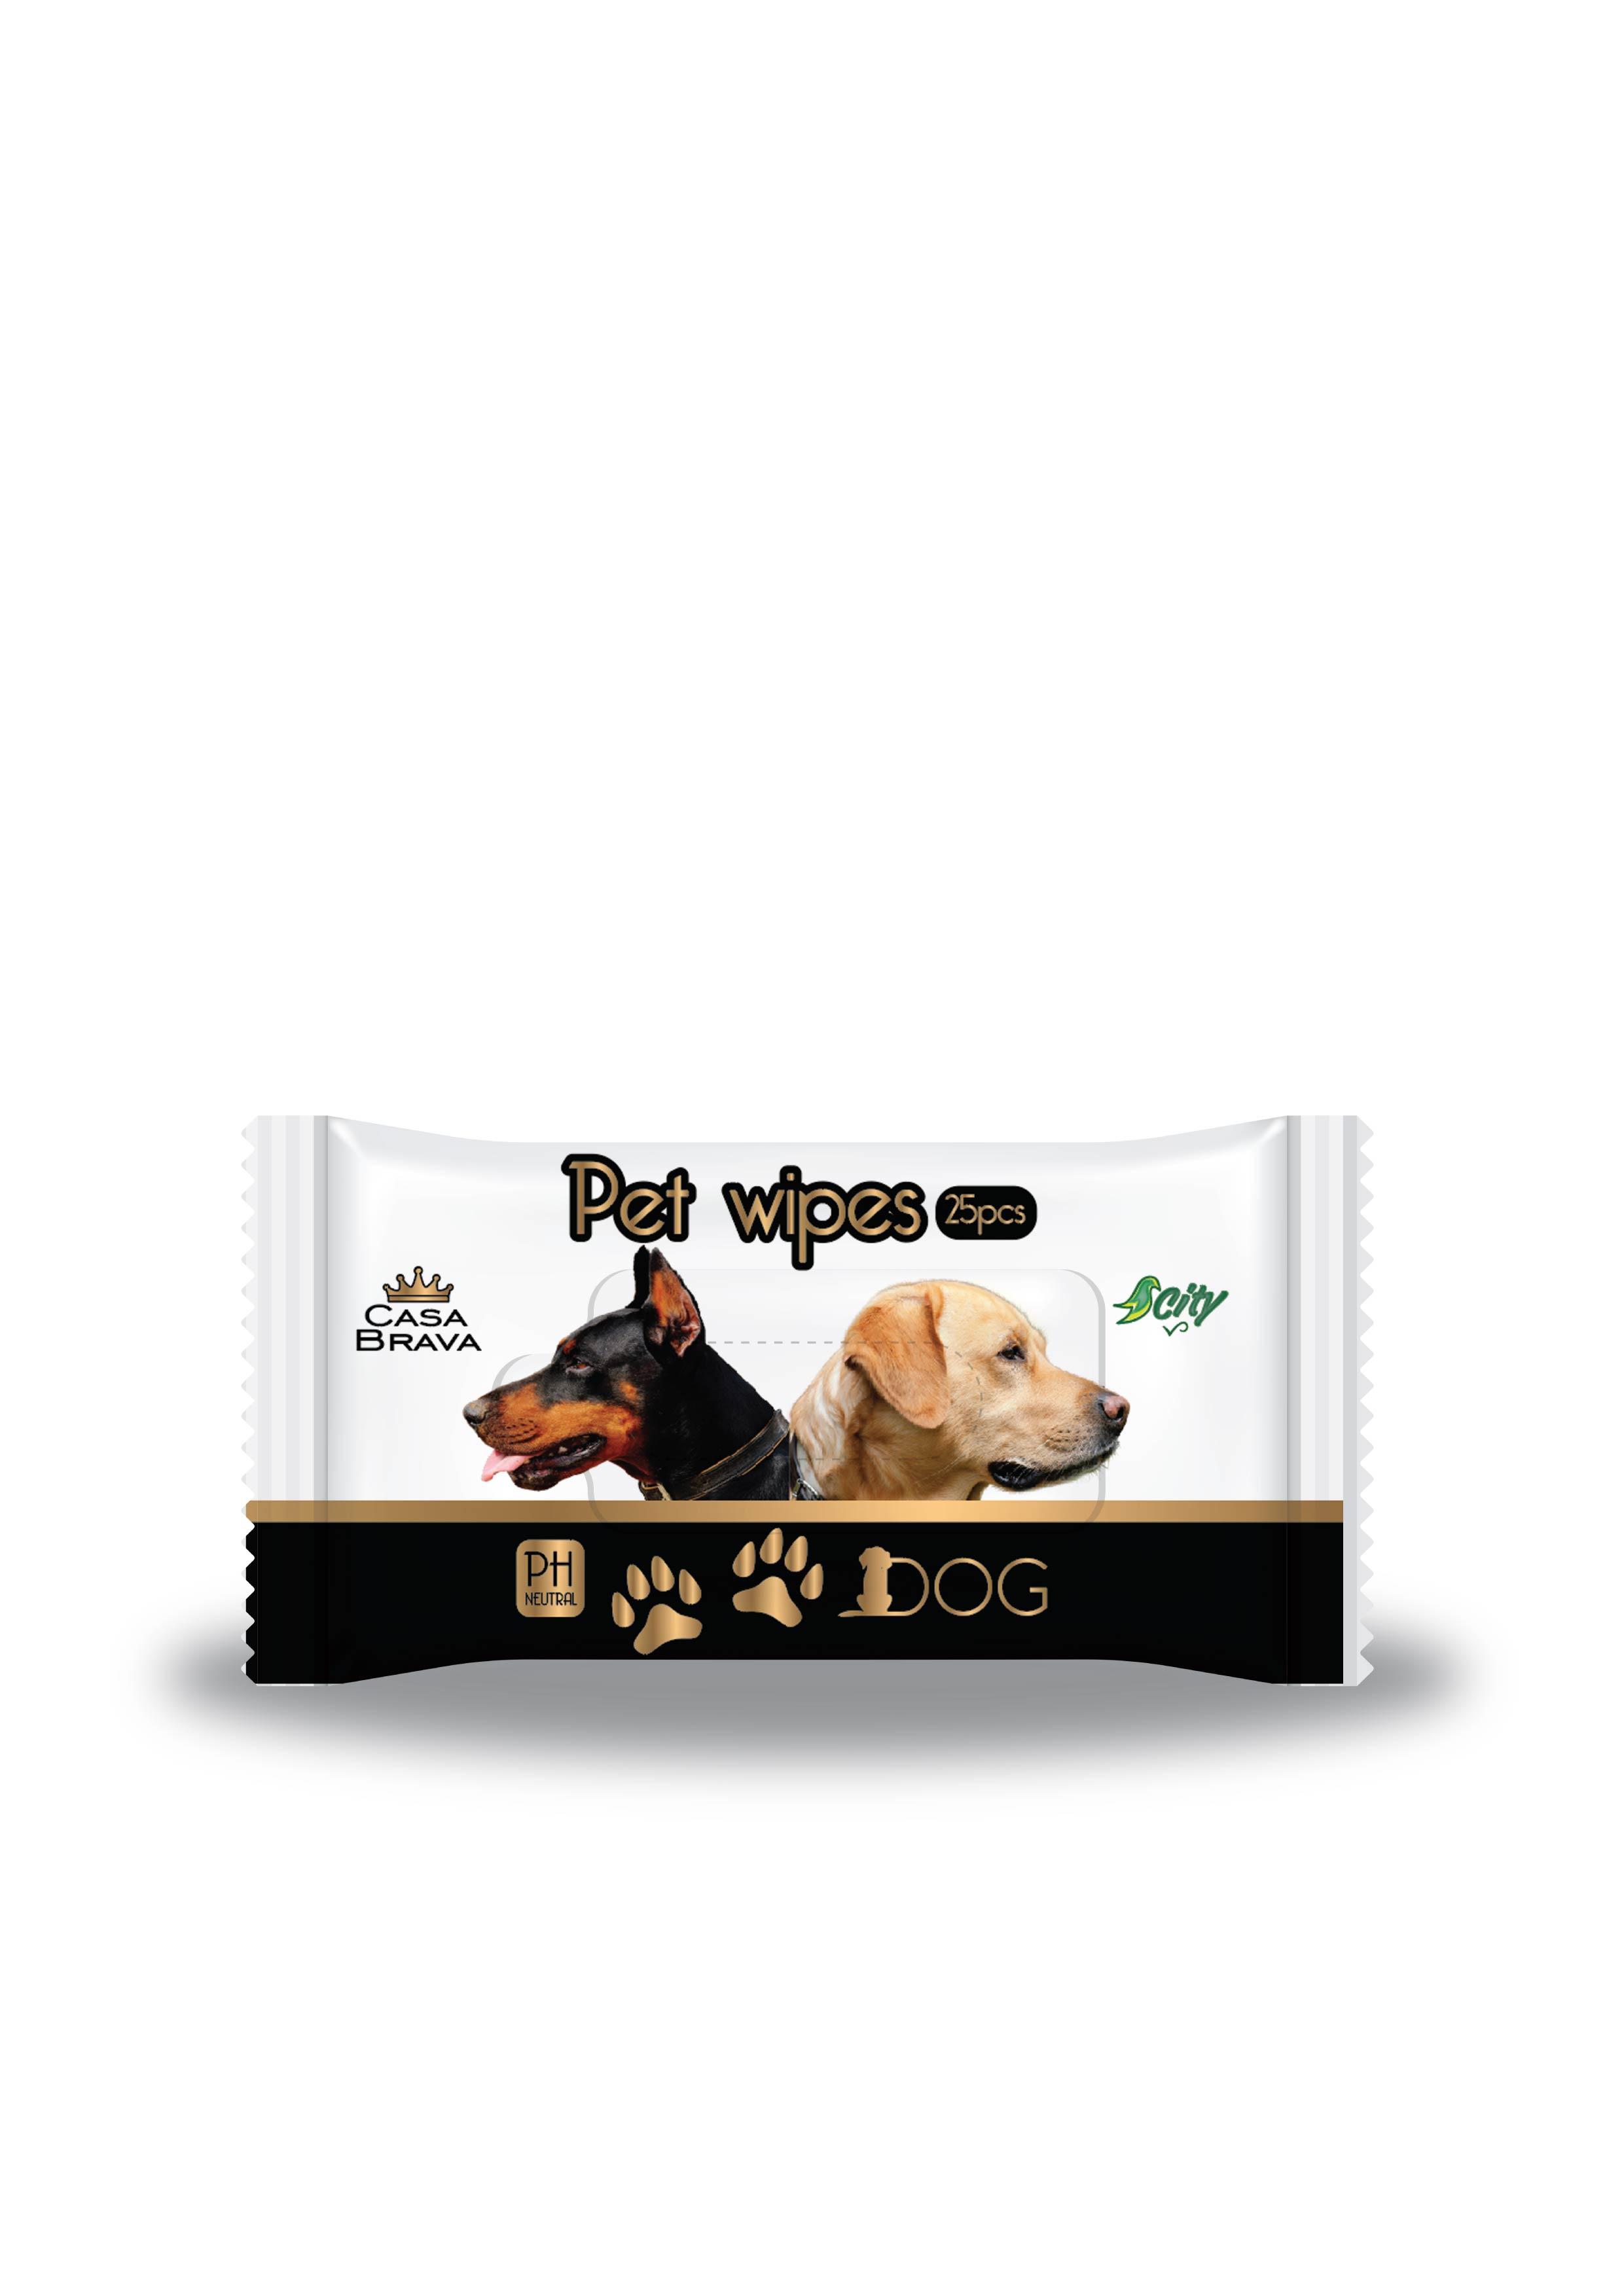 CatDog-Shampo-and-Wipes-02